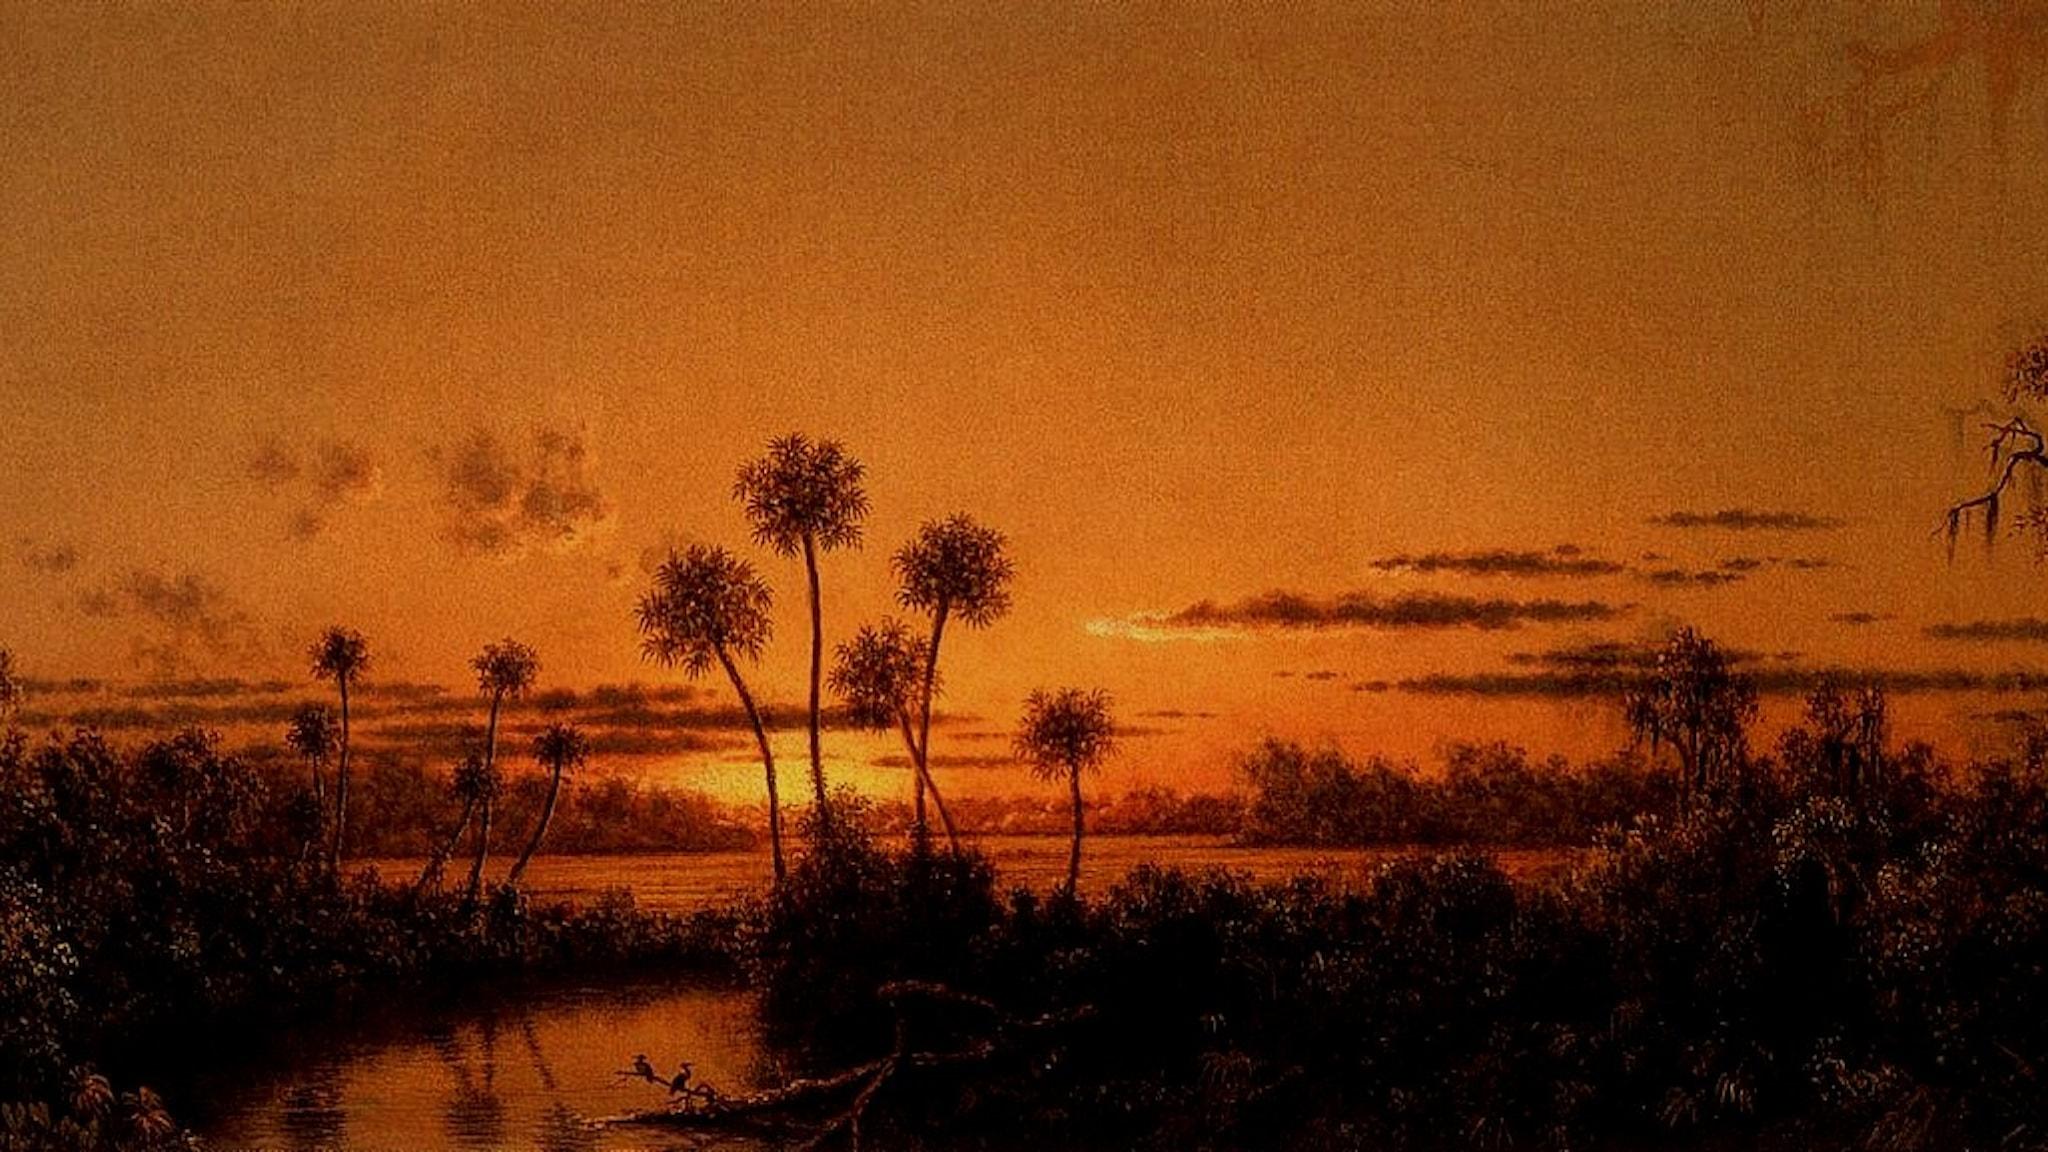 Floridaflod efter solnedgång. Martin Johnson Heade- 1900.